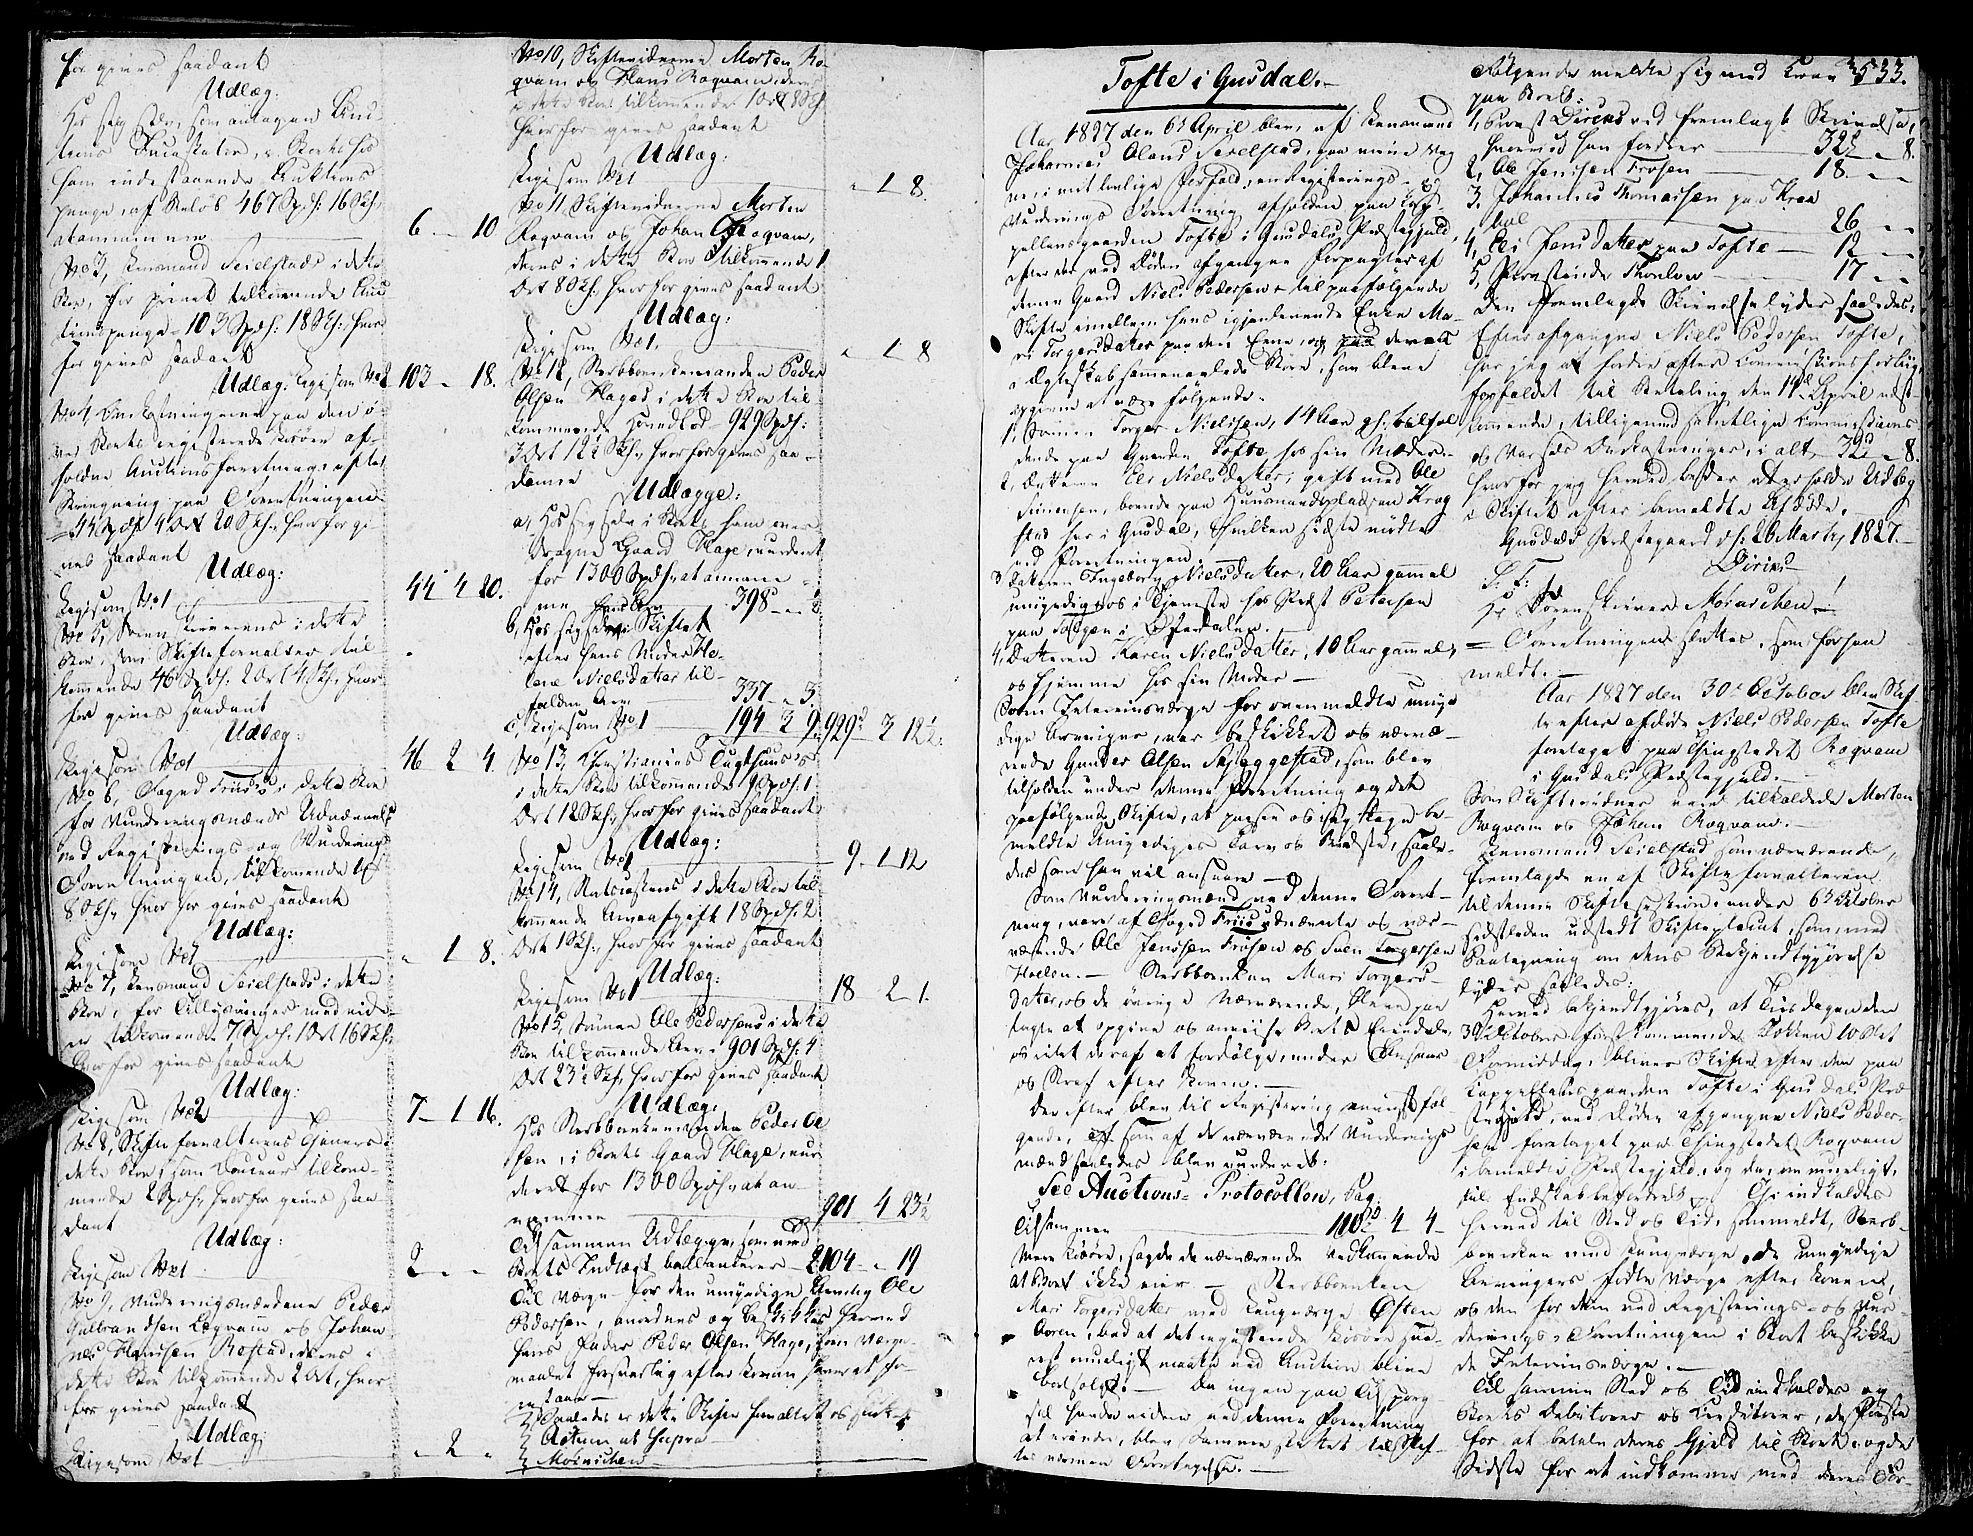 SAH, Sør-Gudbrandsdal tingrett, J/Ja/Jaa/L0010A: Skifteprotokoll, 1820-1831, s. 532b-533a